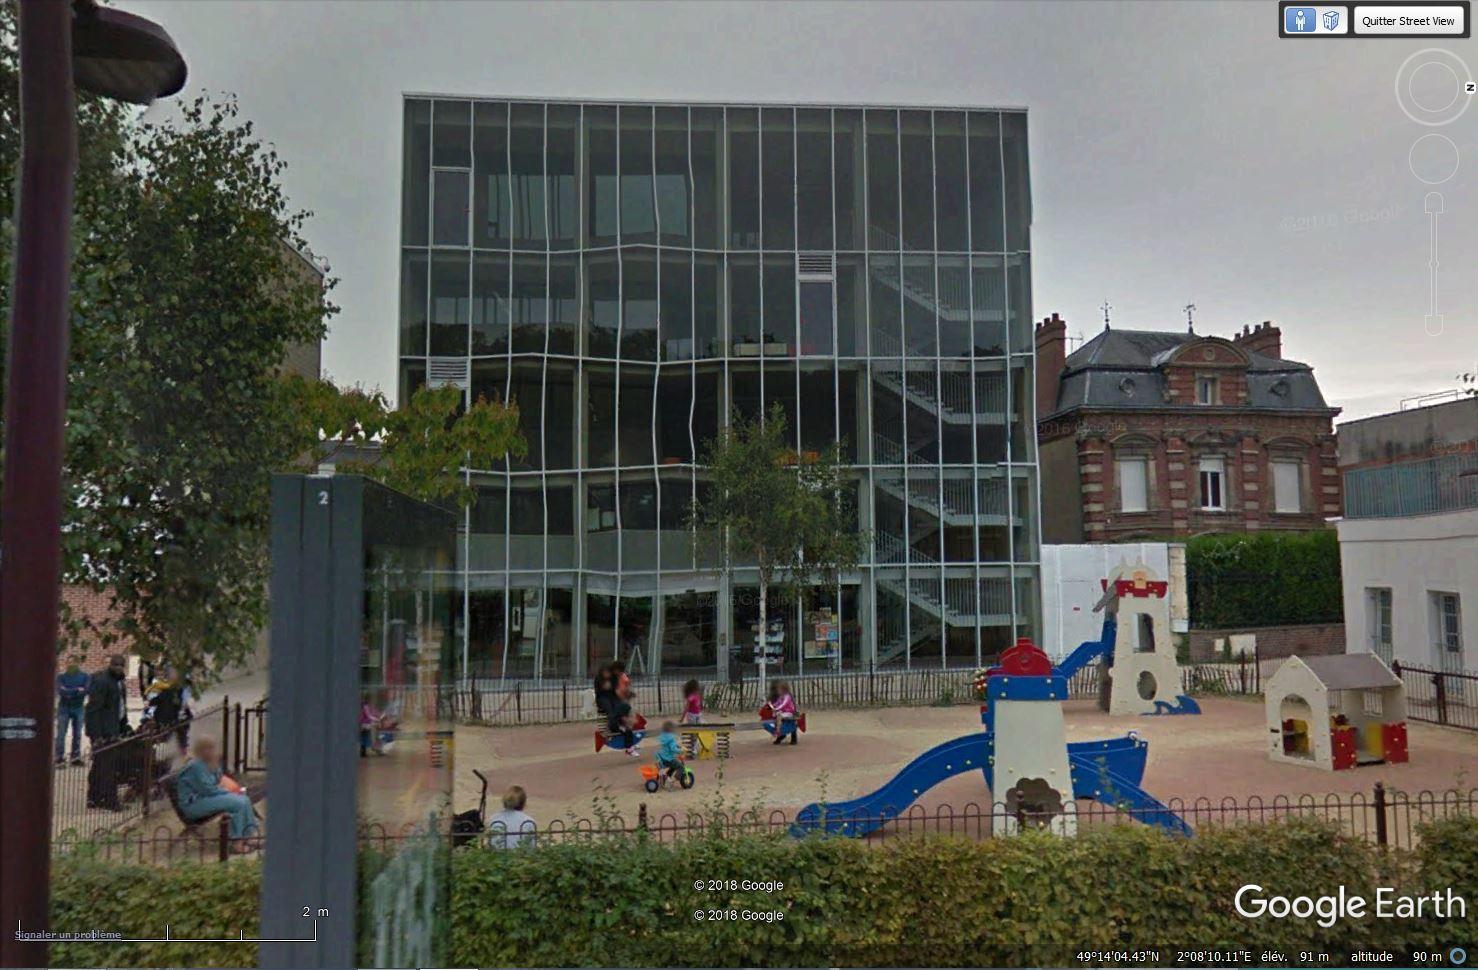 [Désormais visible sur Google Earth] - Centre Culturel de Méru, Oise Tsge_169